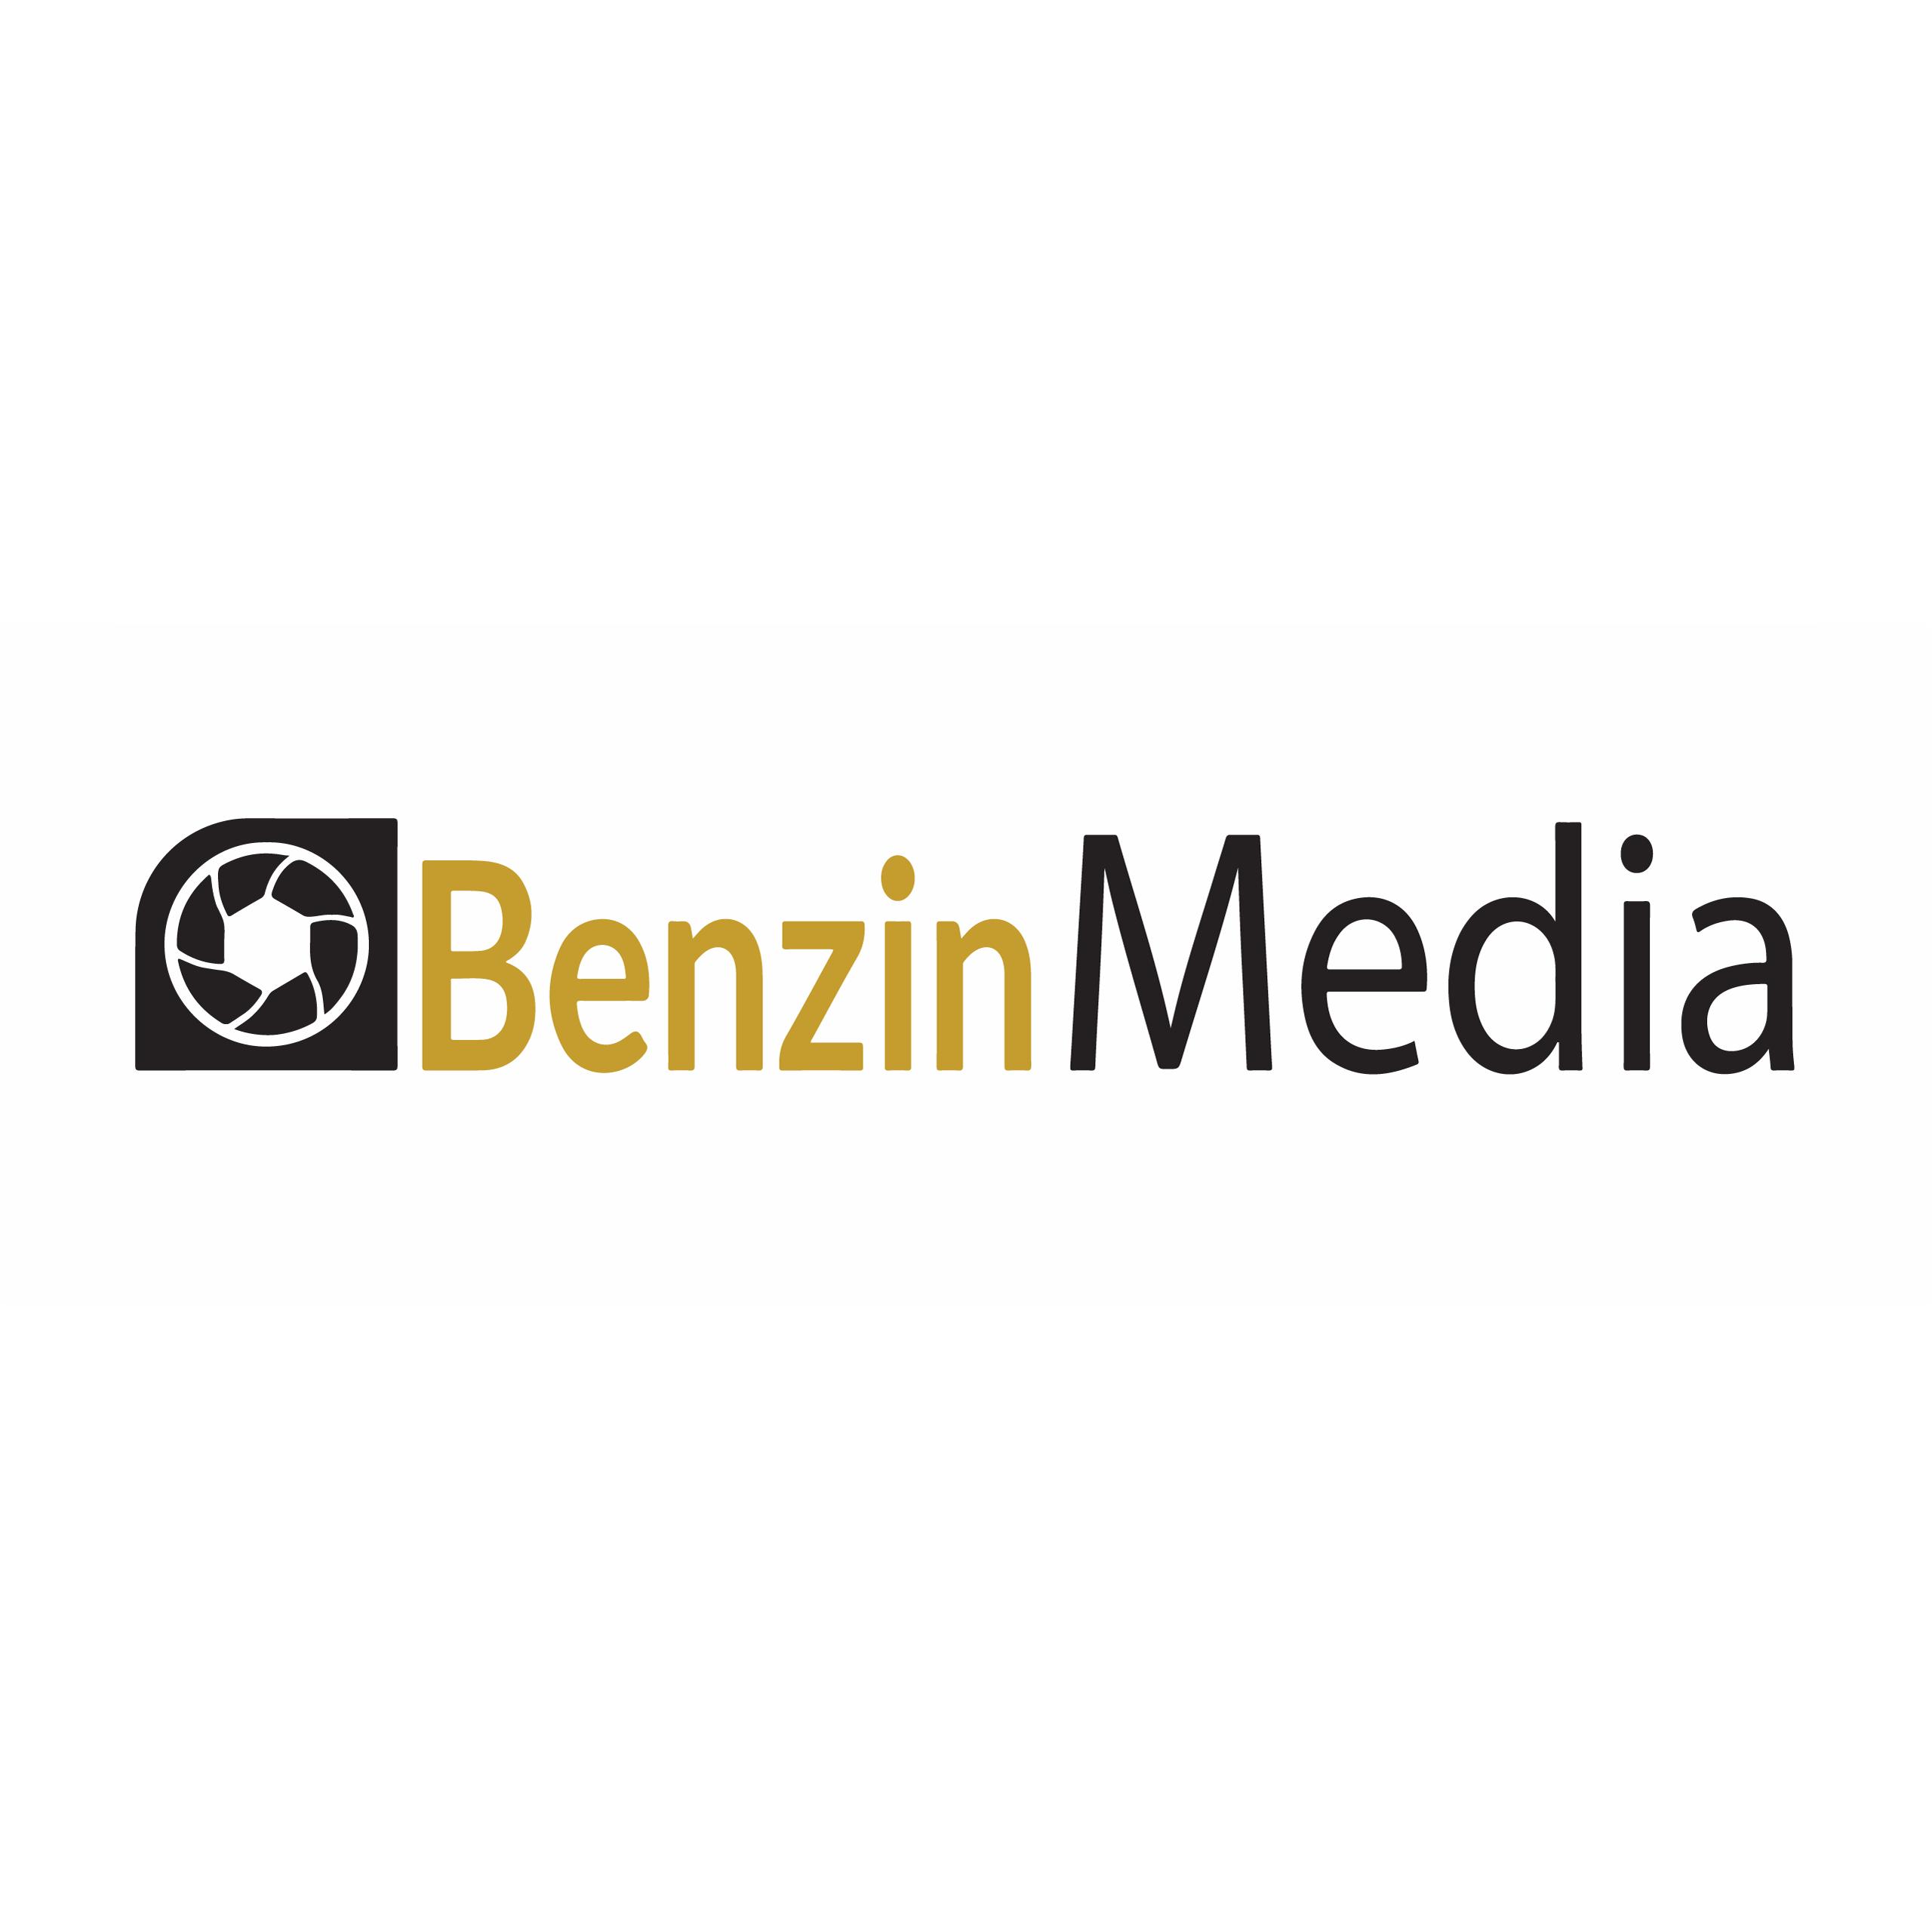 BenzinMedia